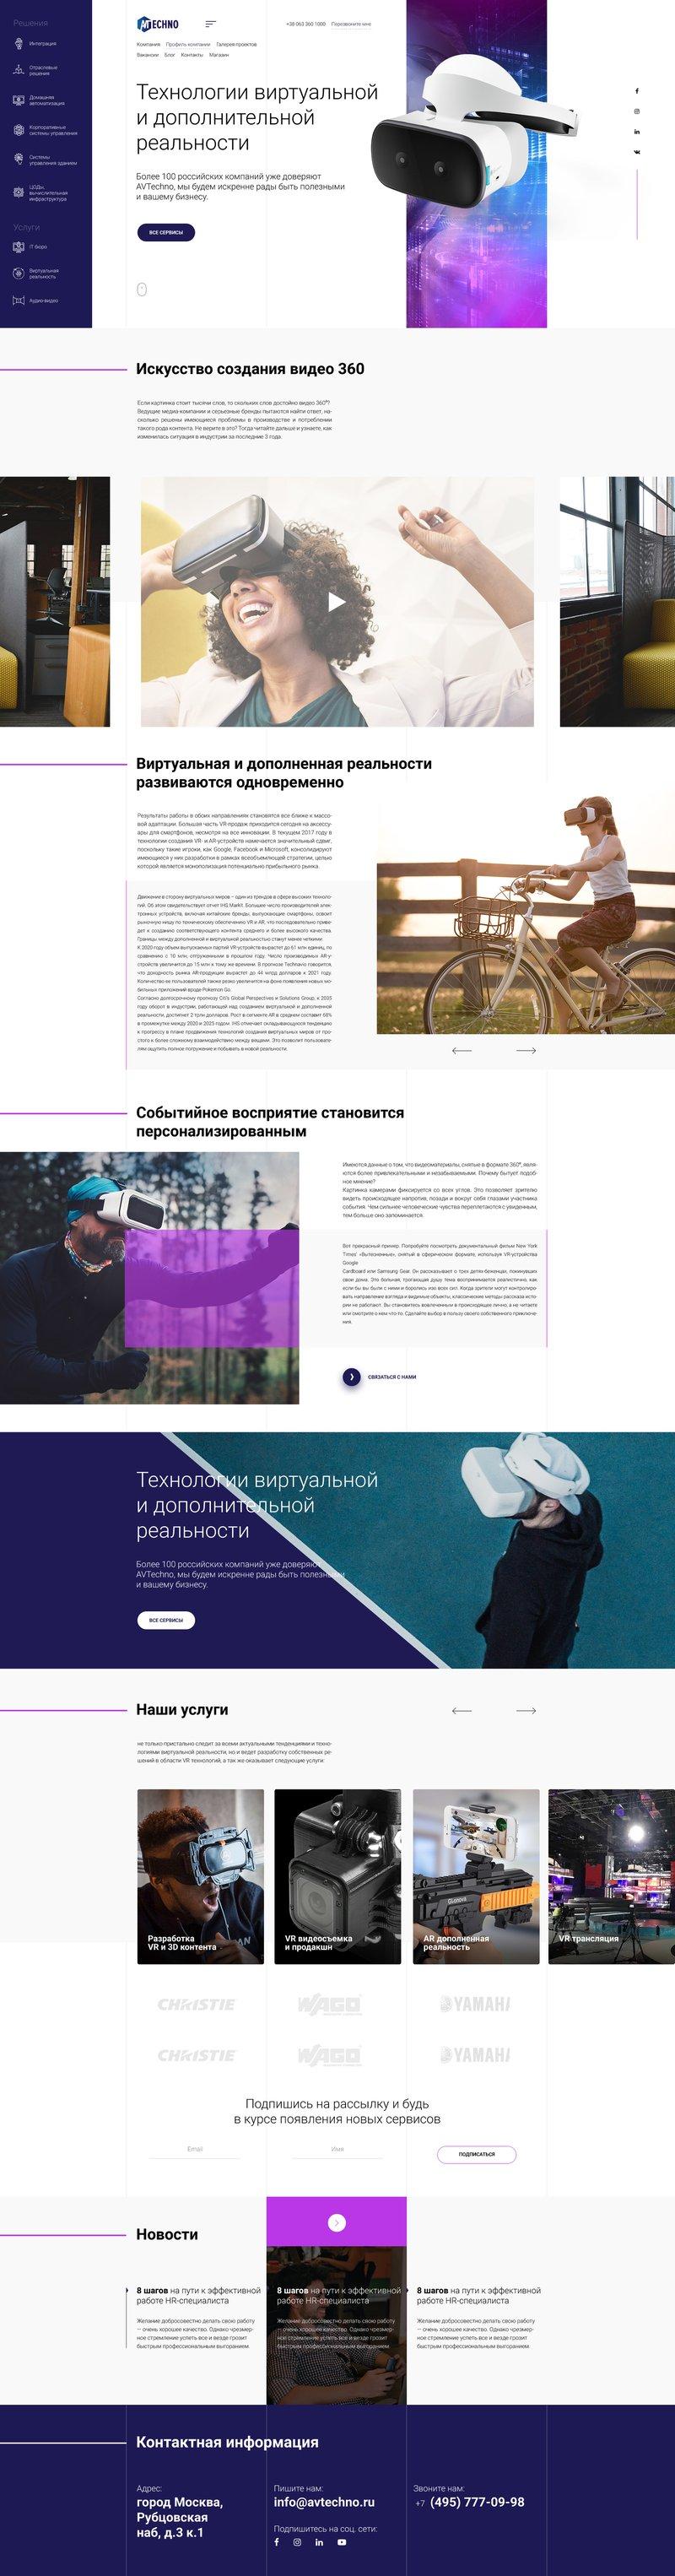 Дизайн сайта для АВтехно – работа в портфолио фрилансера